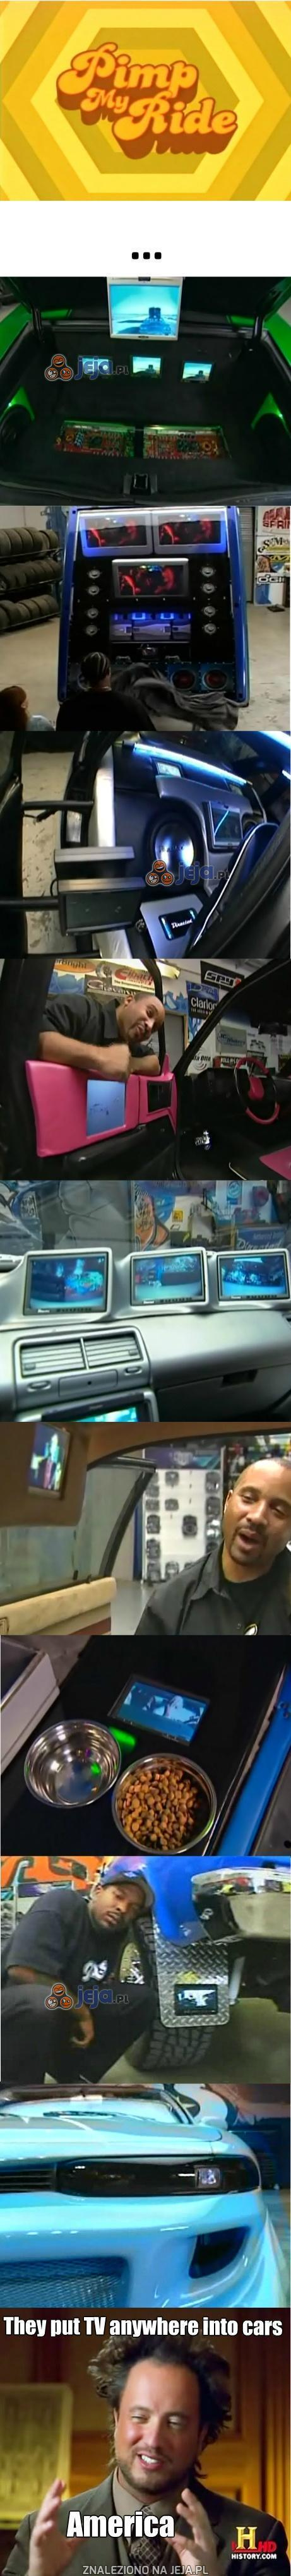 Telewizory, telewizory wszędzie!